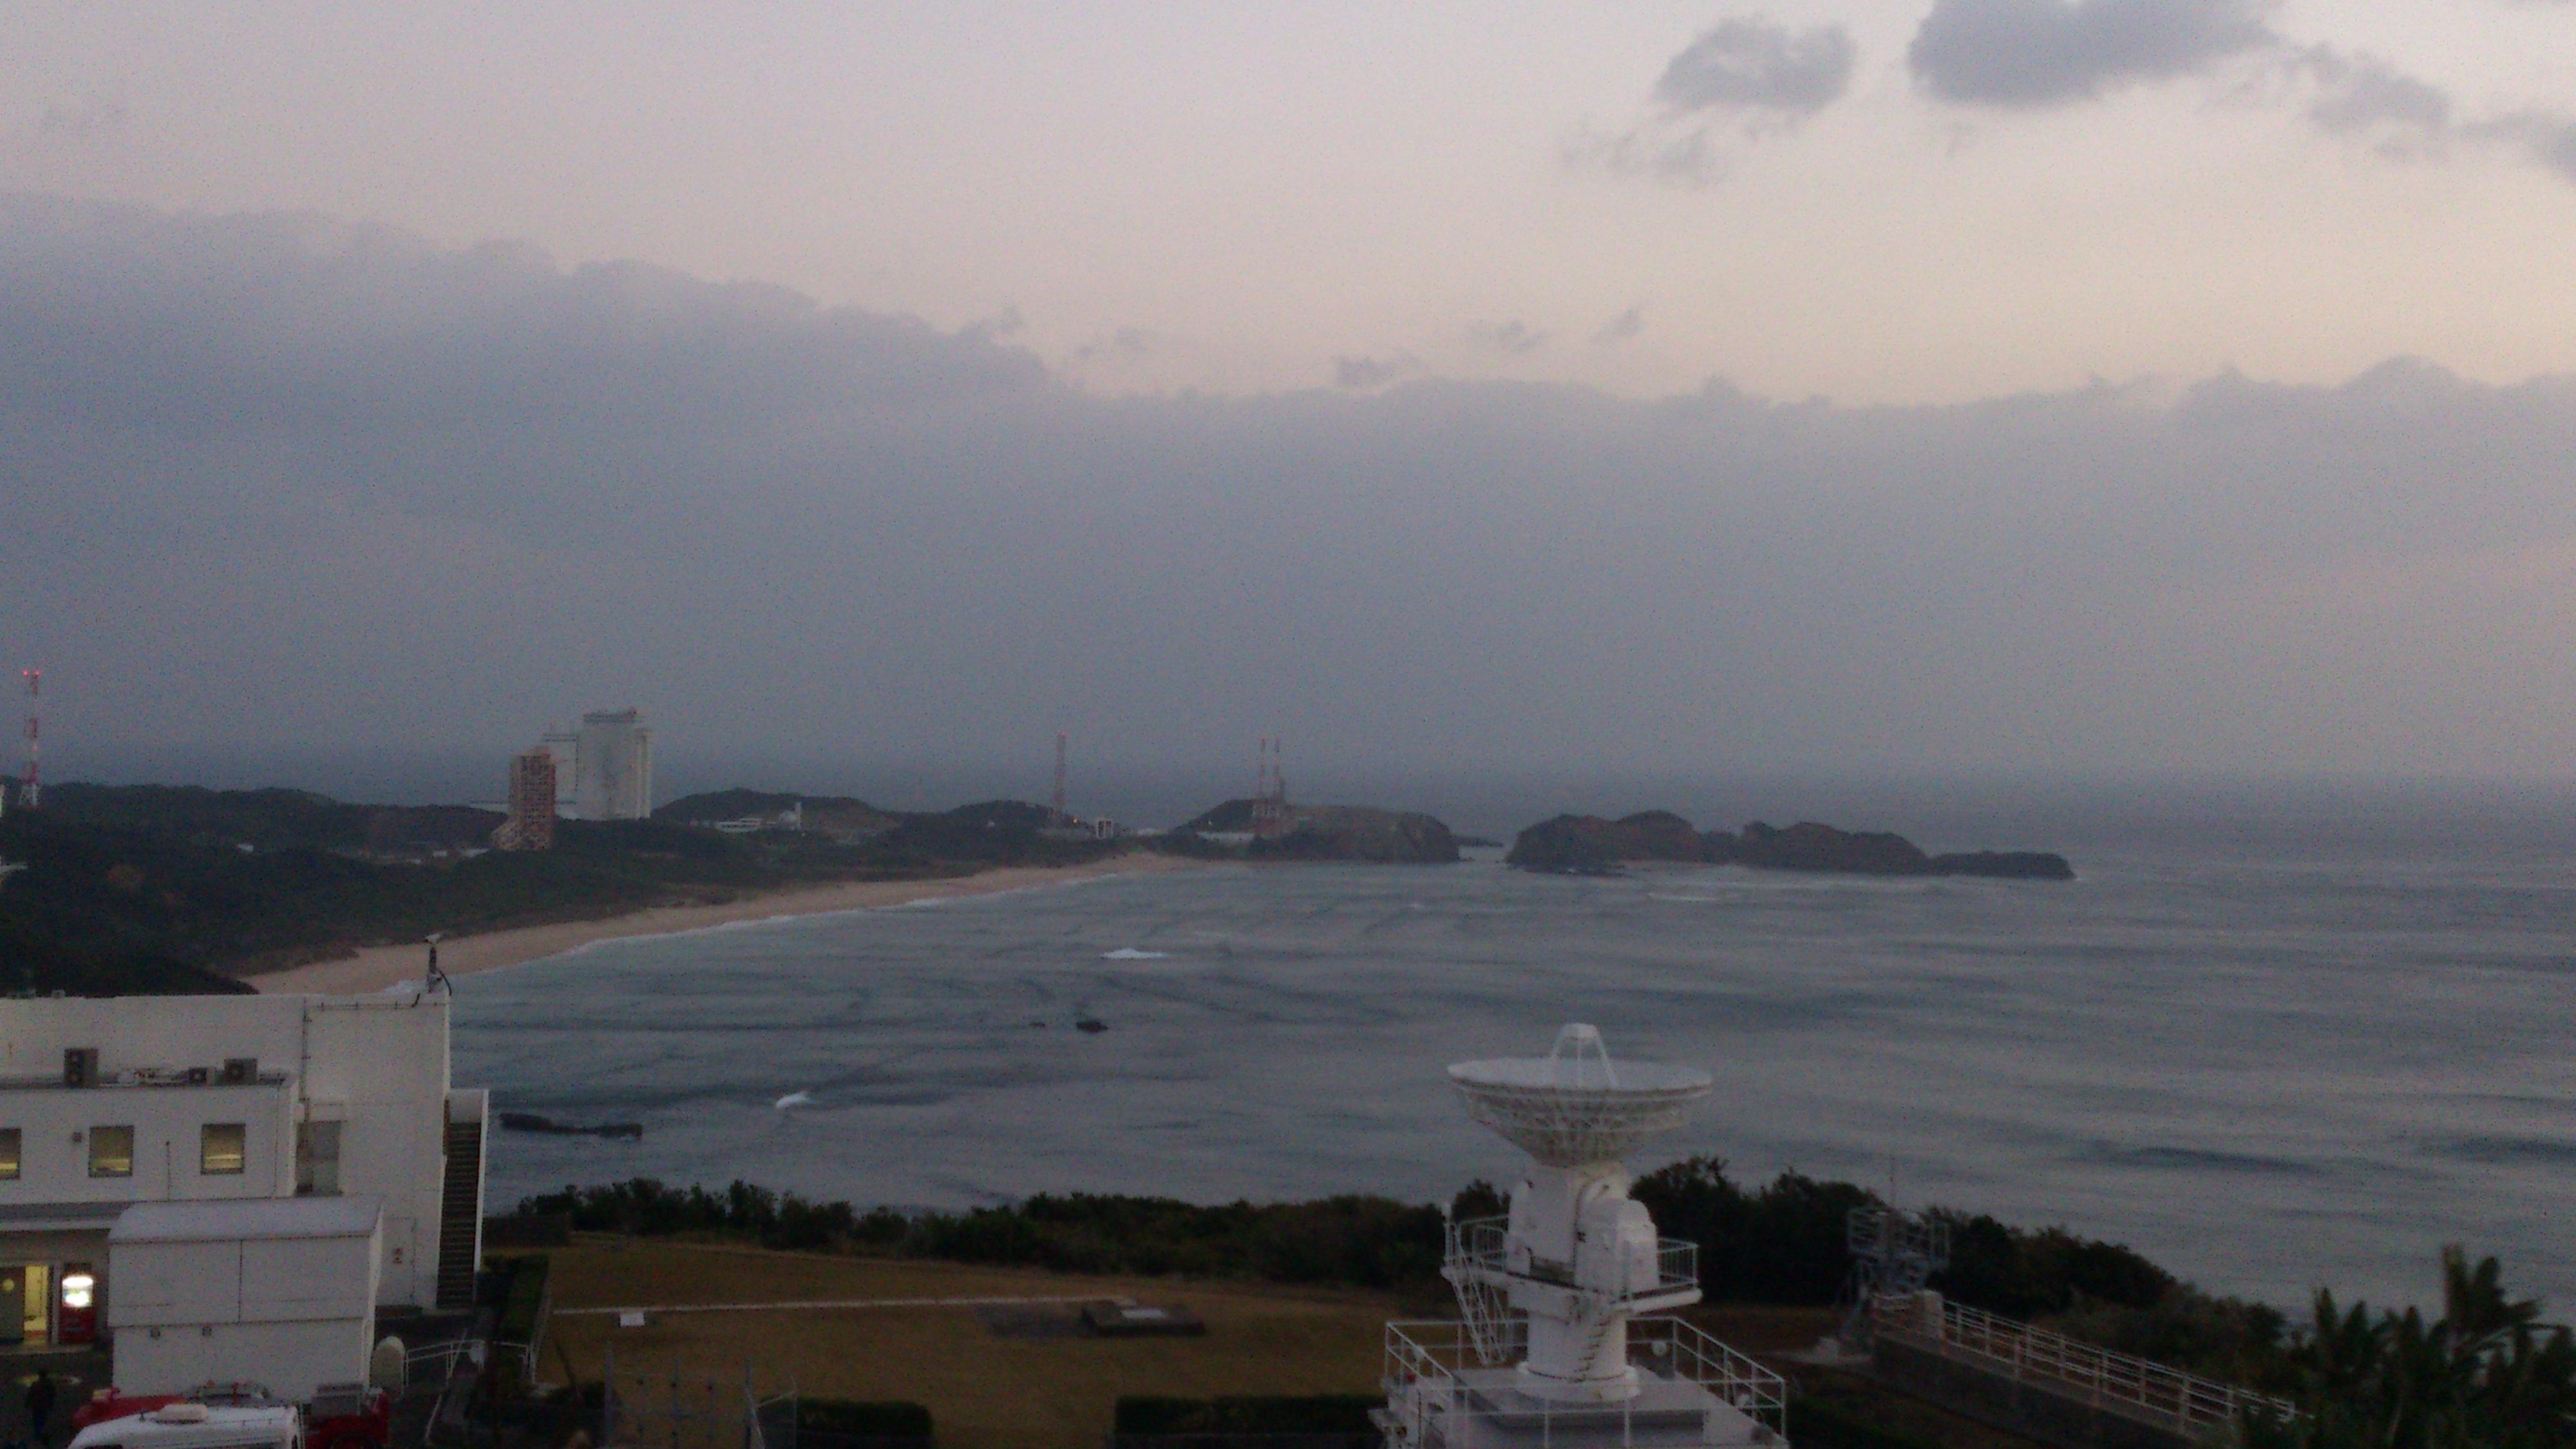 2012年12月。僕は種子島を一人で旅した:また別の電波塔みたいなところから発射台を撮影